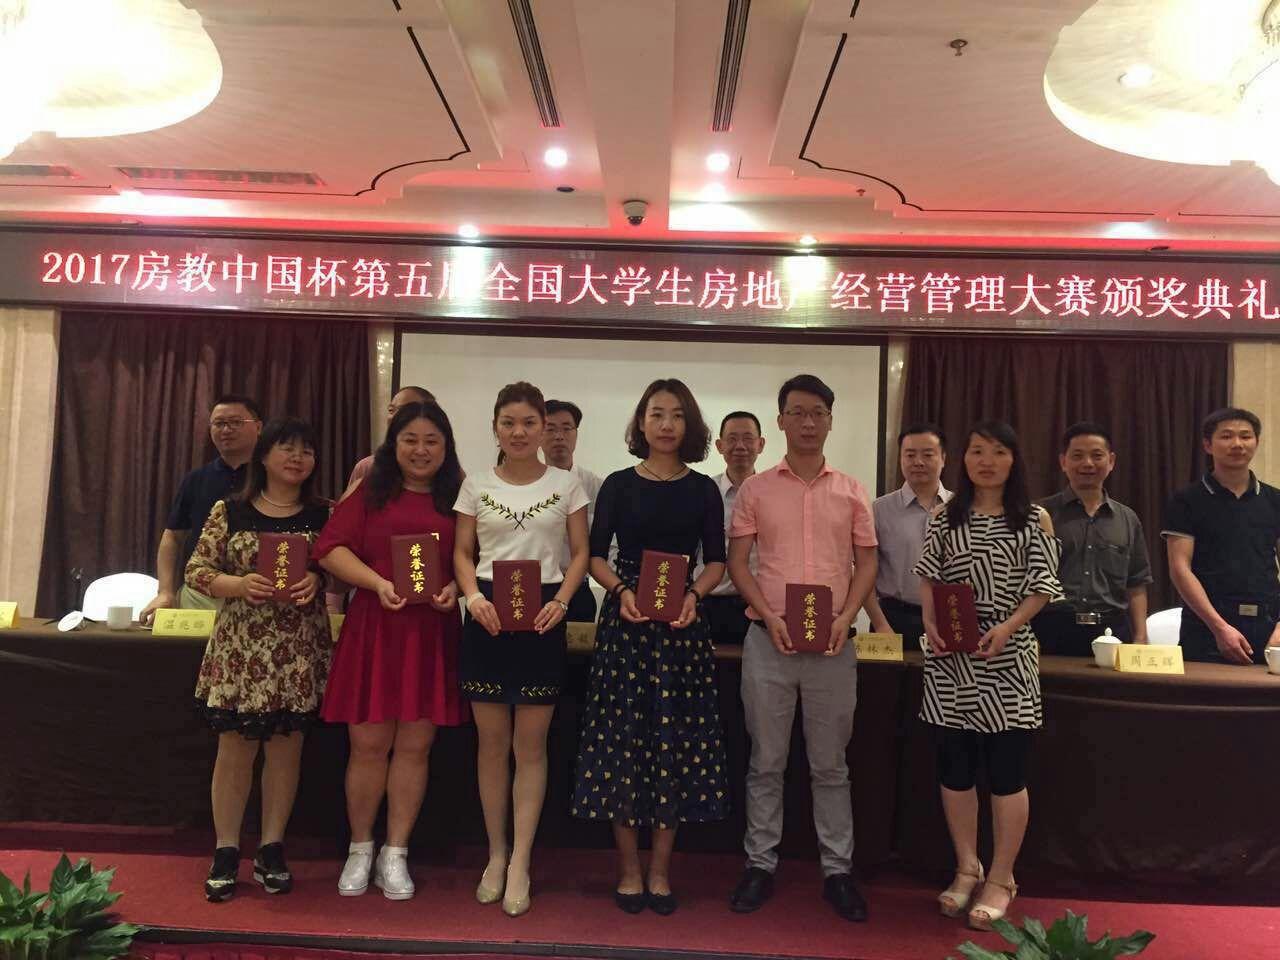 2017年房教中国杯第五届全国大学生房地产经验管理大赛 二等奖